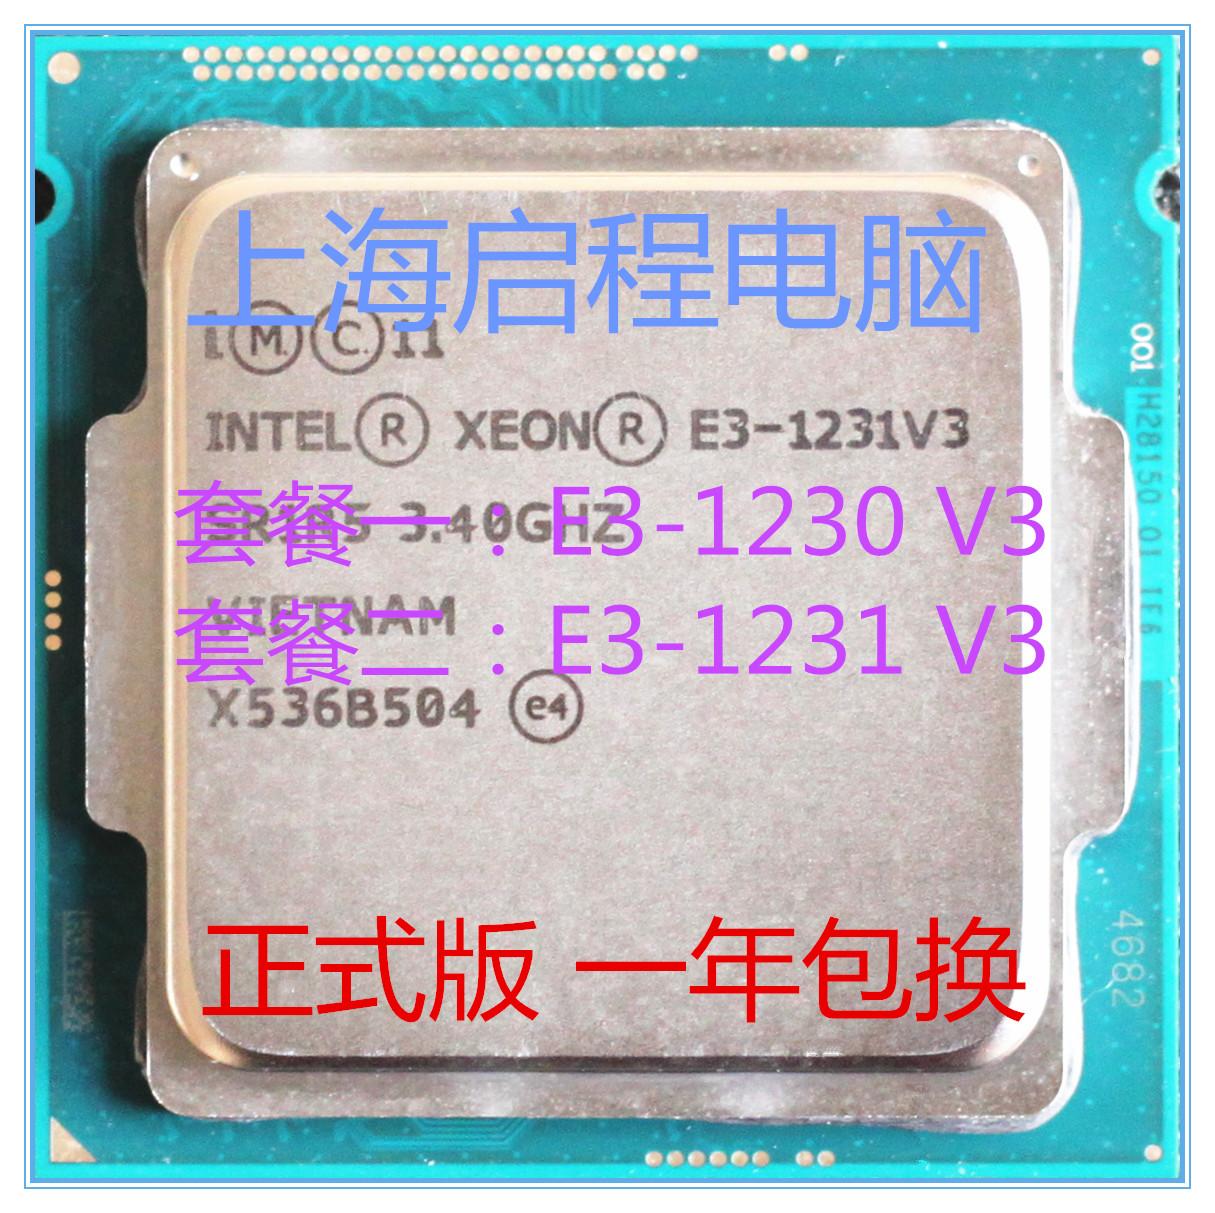 Intel/ английский специальный ваш E3-1230 V3 E3-1231 V3 разброс лист положительный стиль издание 1150 игла гарантийная замена действительна 1 год